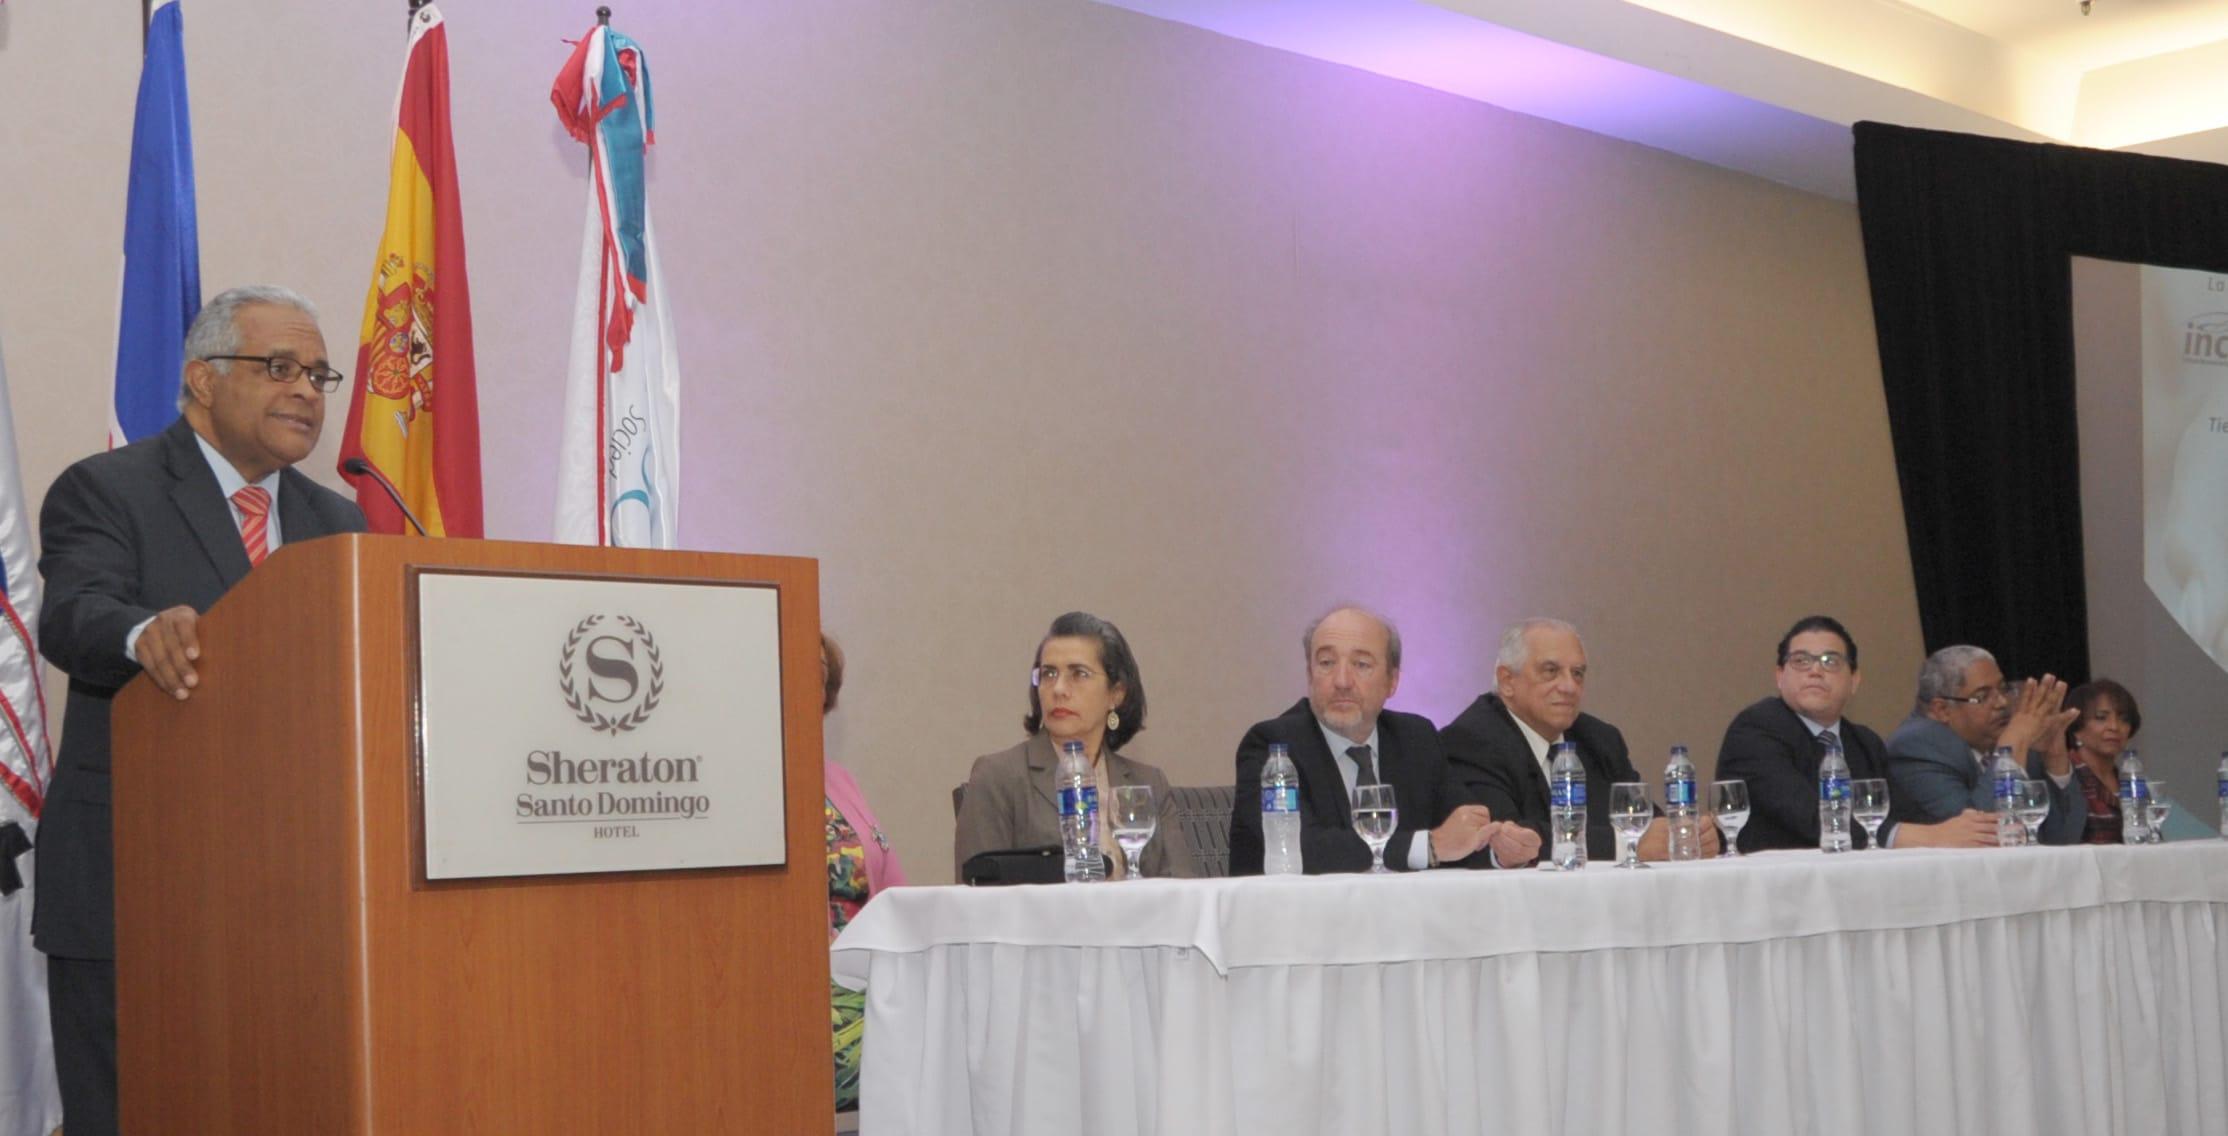 INCORT inaugura Congreso Dominico-Andaluz sobre donación y trasplante de órganos